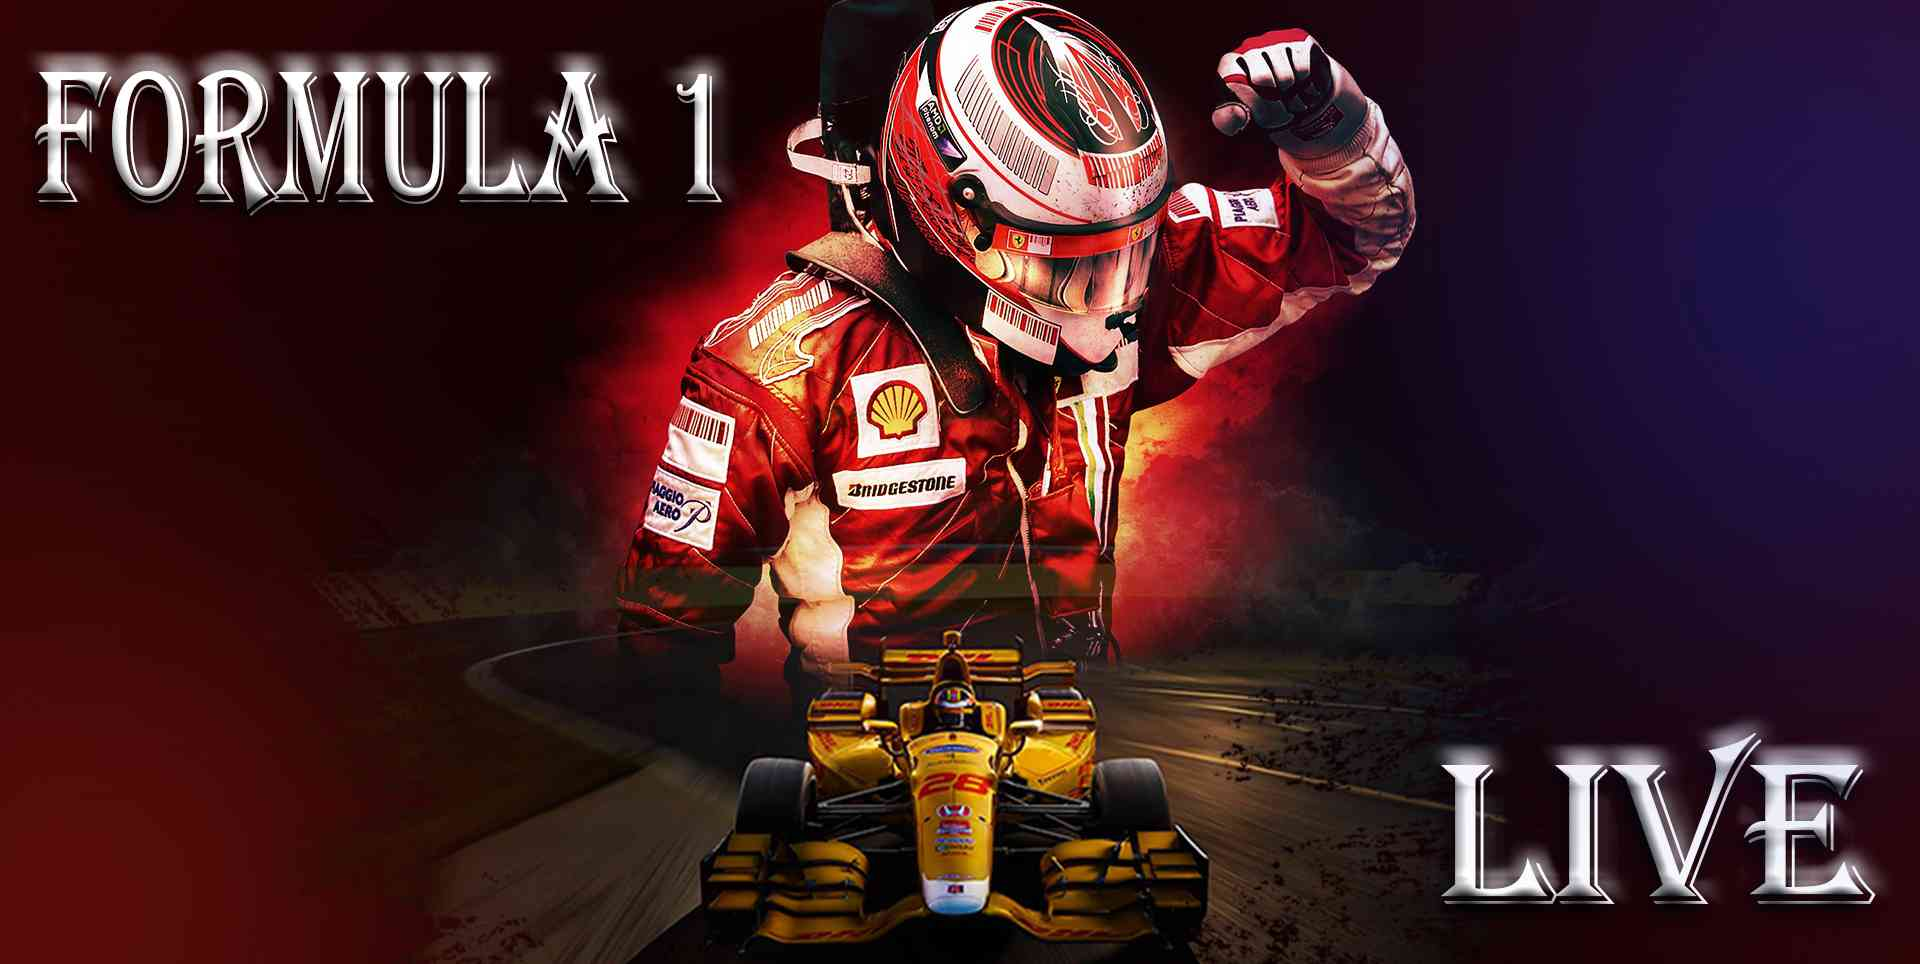 F1 Abu Dhabi Grand Prix Live Stream